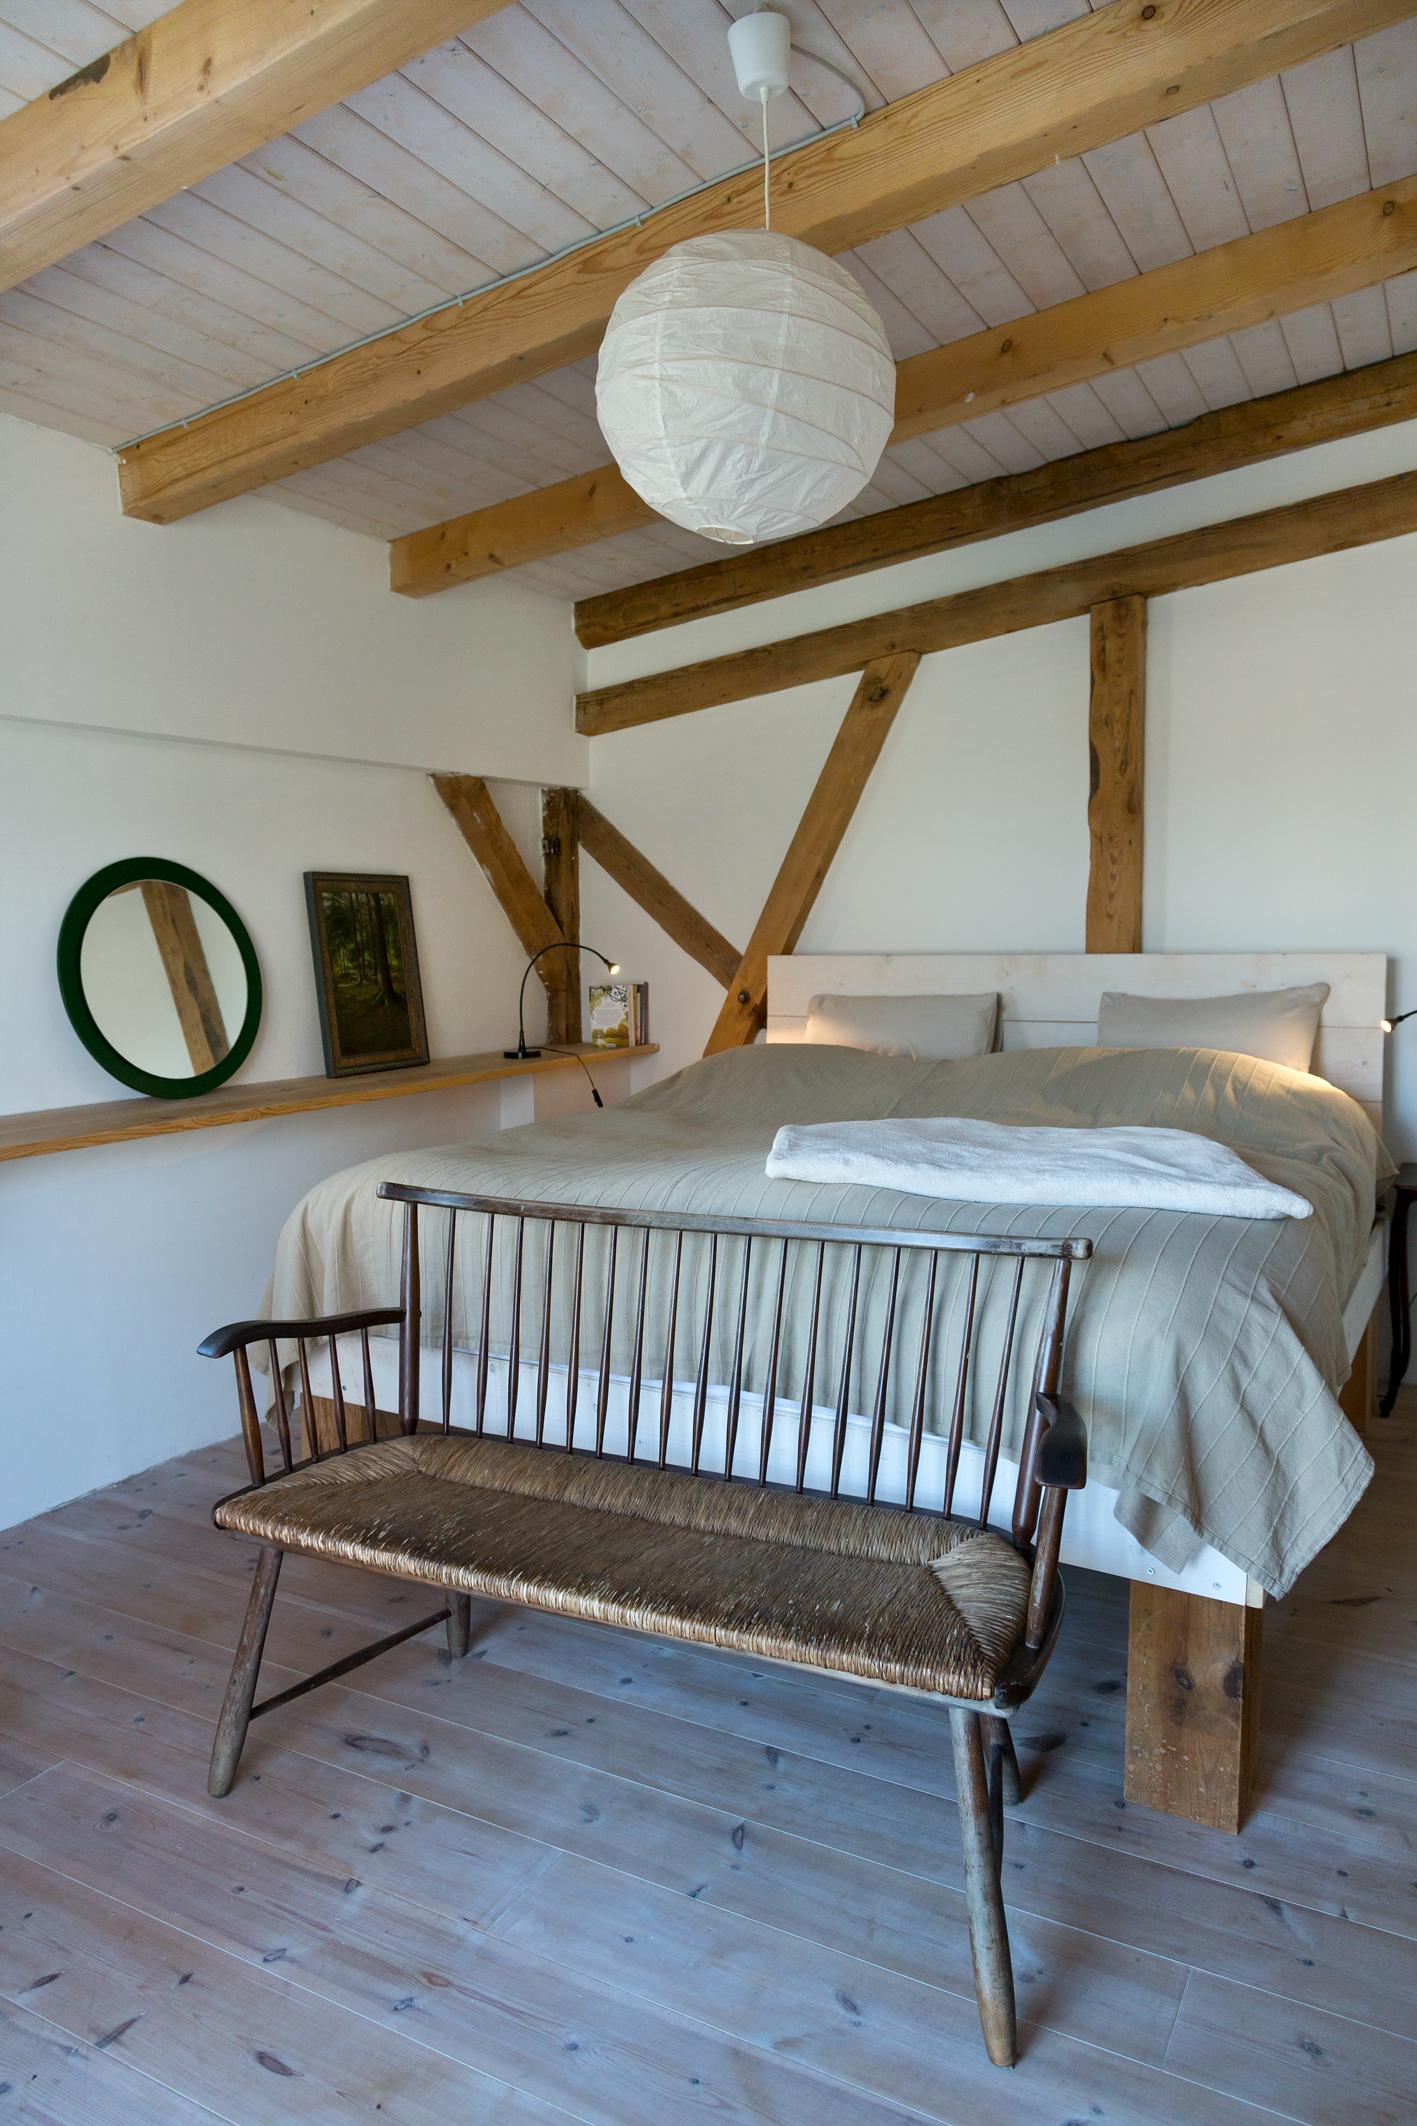 Schlafzimmer in der Biberburg Alte Schmiede